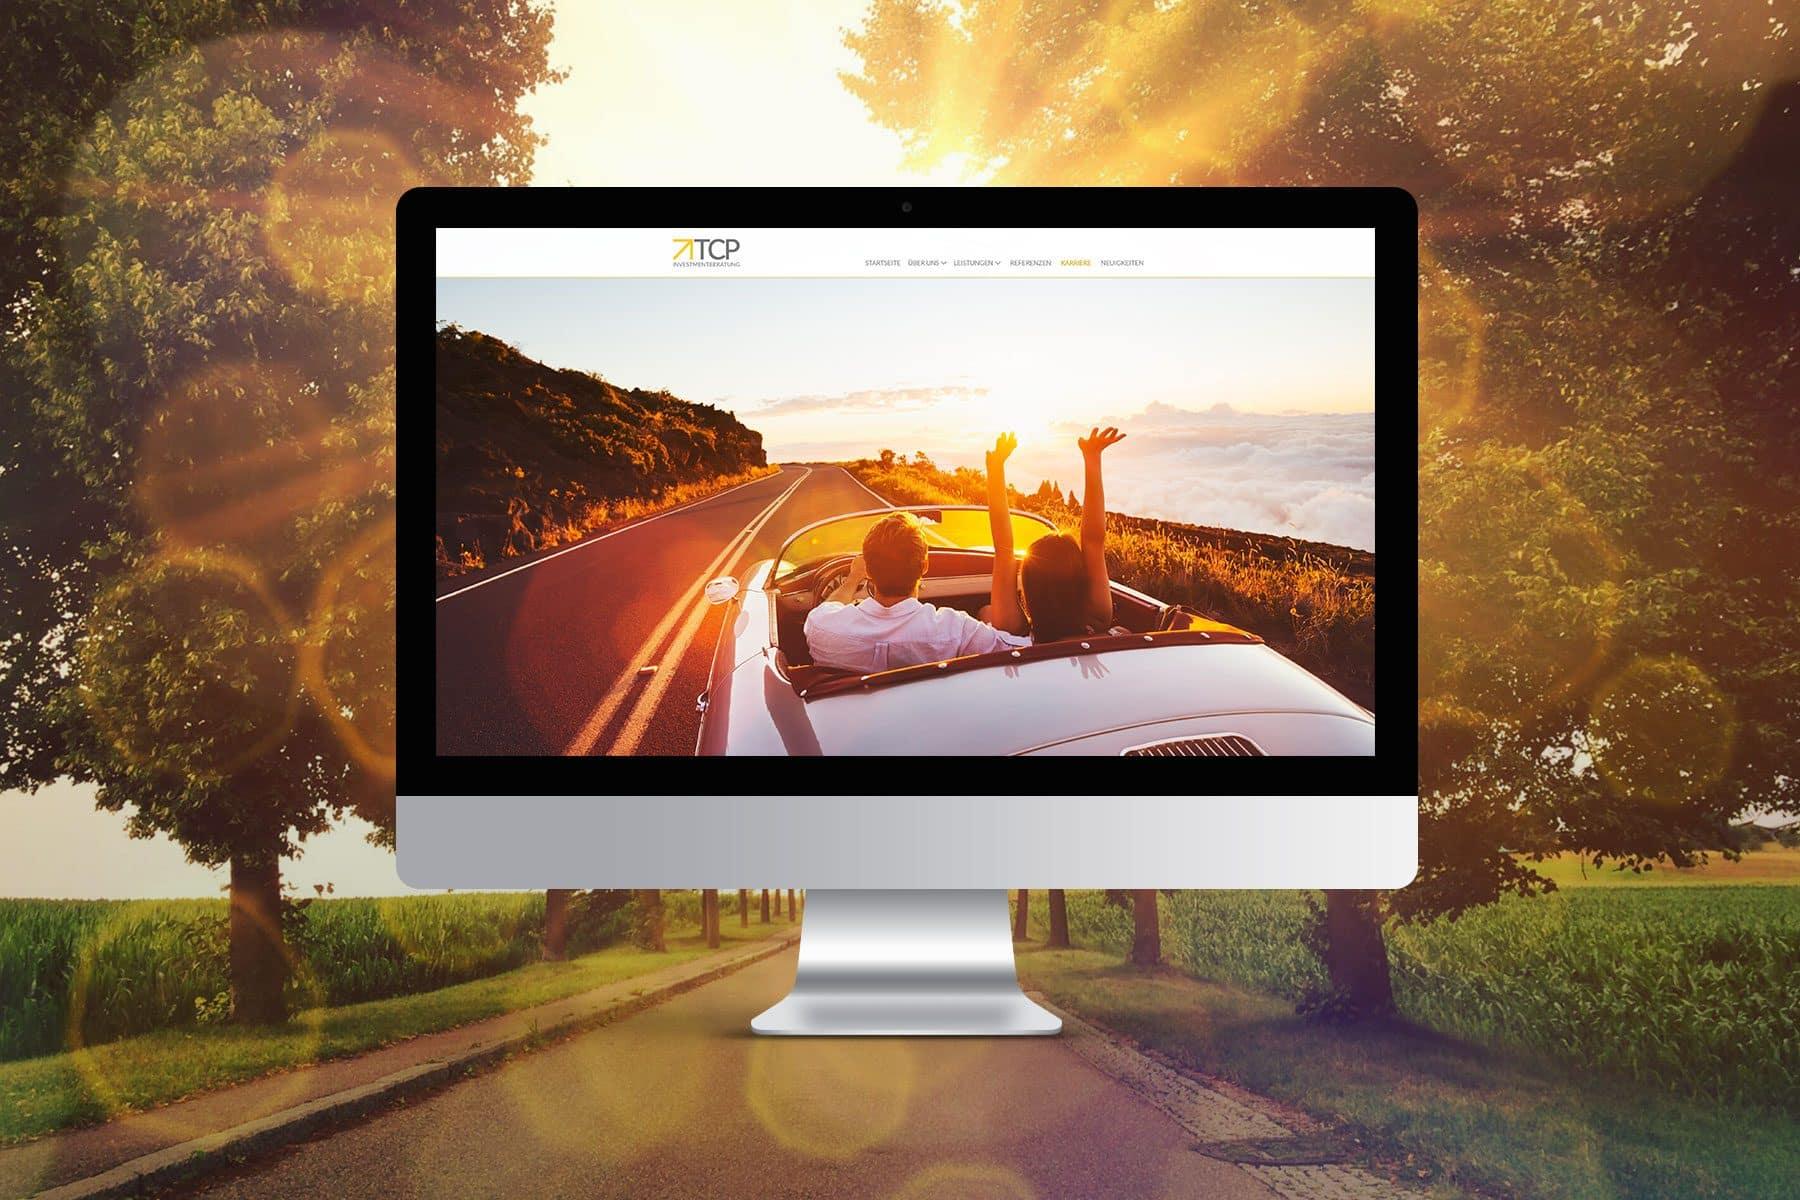 TCP-Investmentberatung Referenz Desktopvorschau - Webdesign Webagentur Rheinland Pfalz